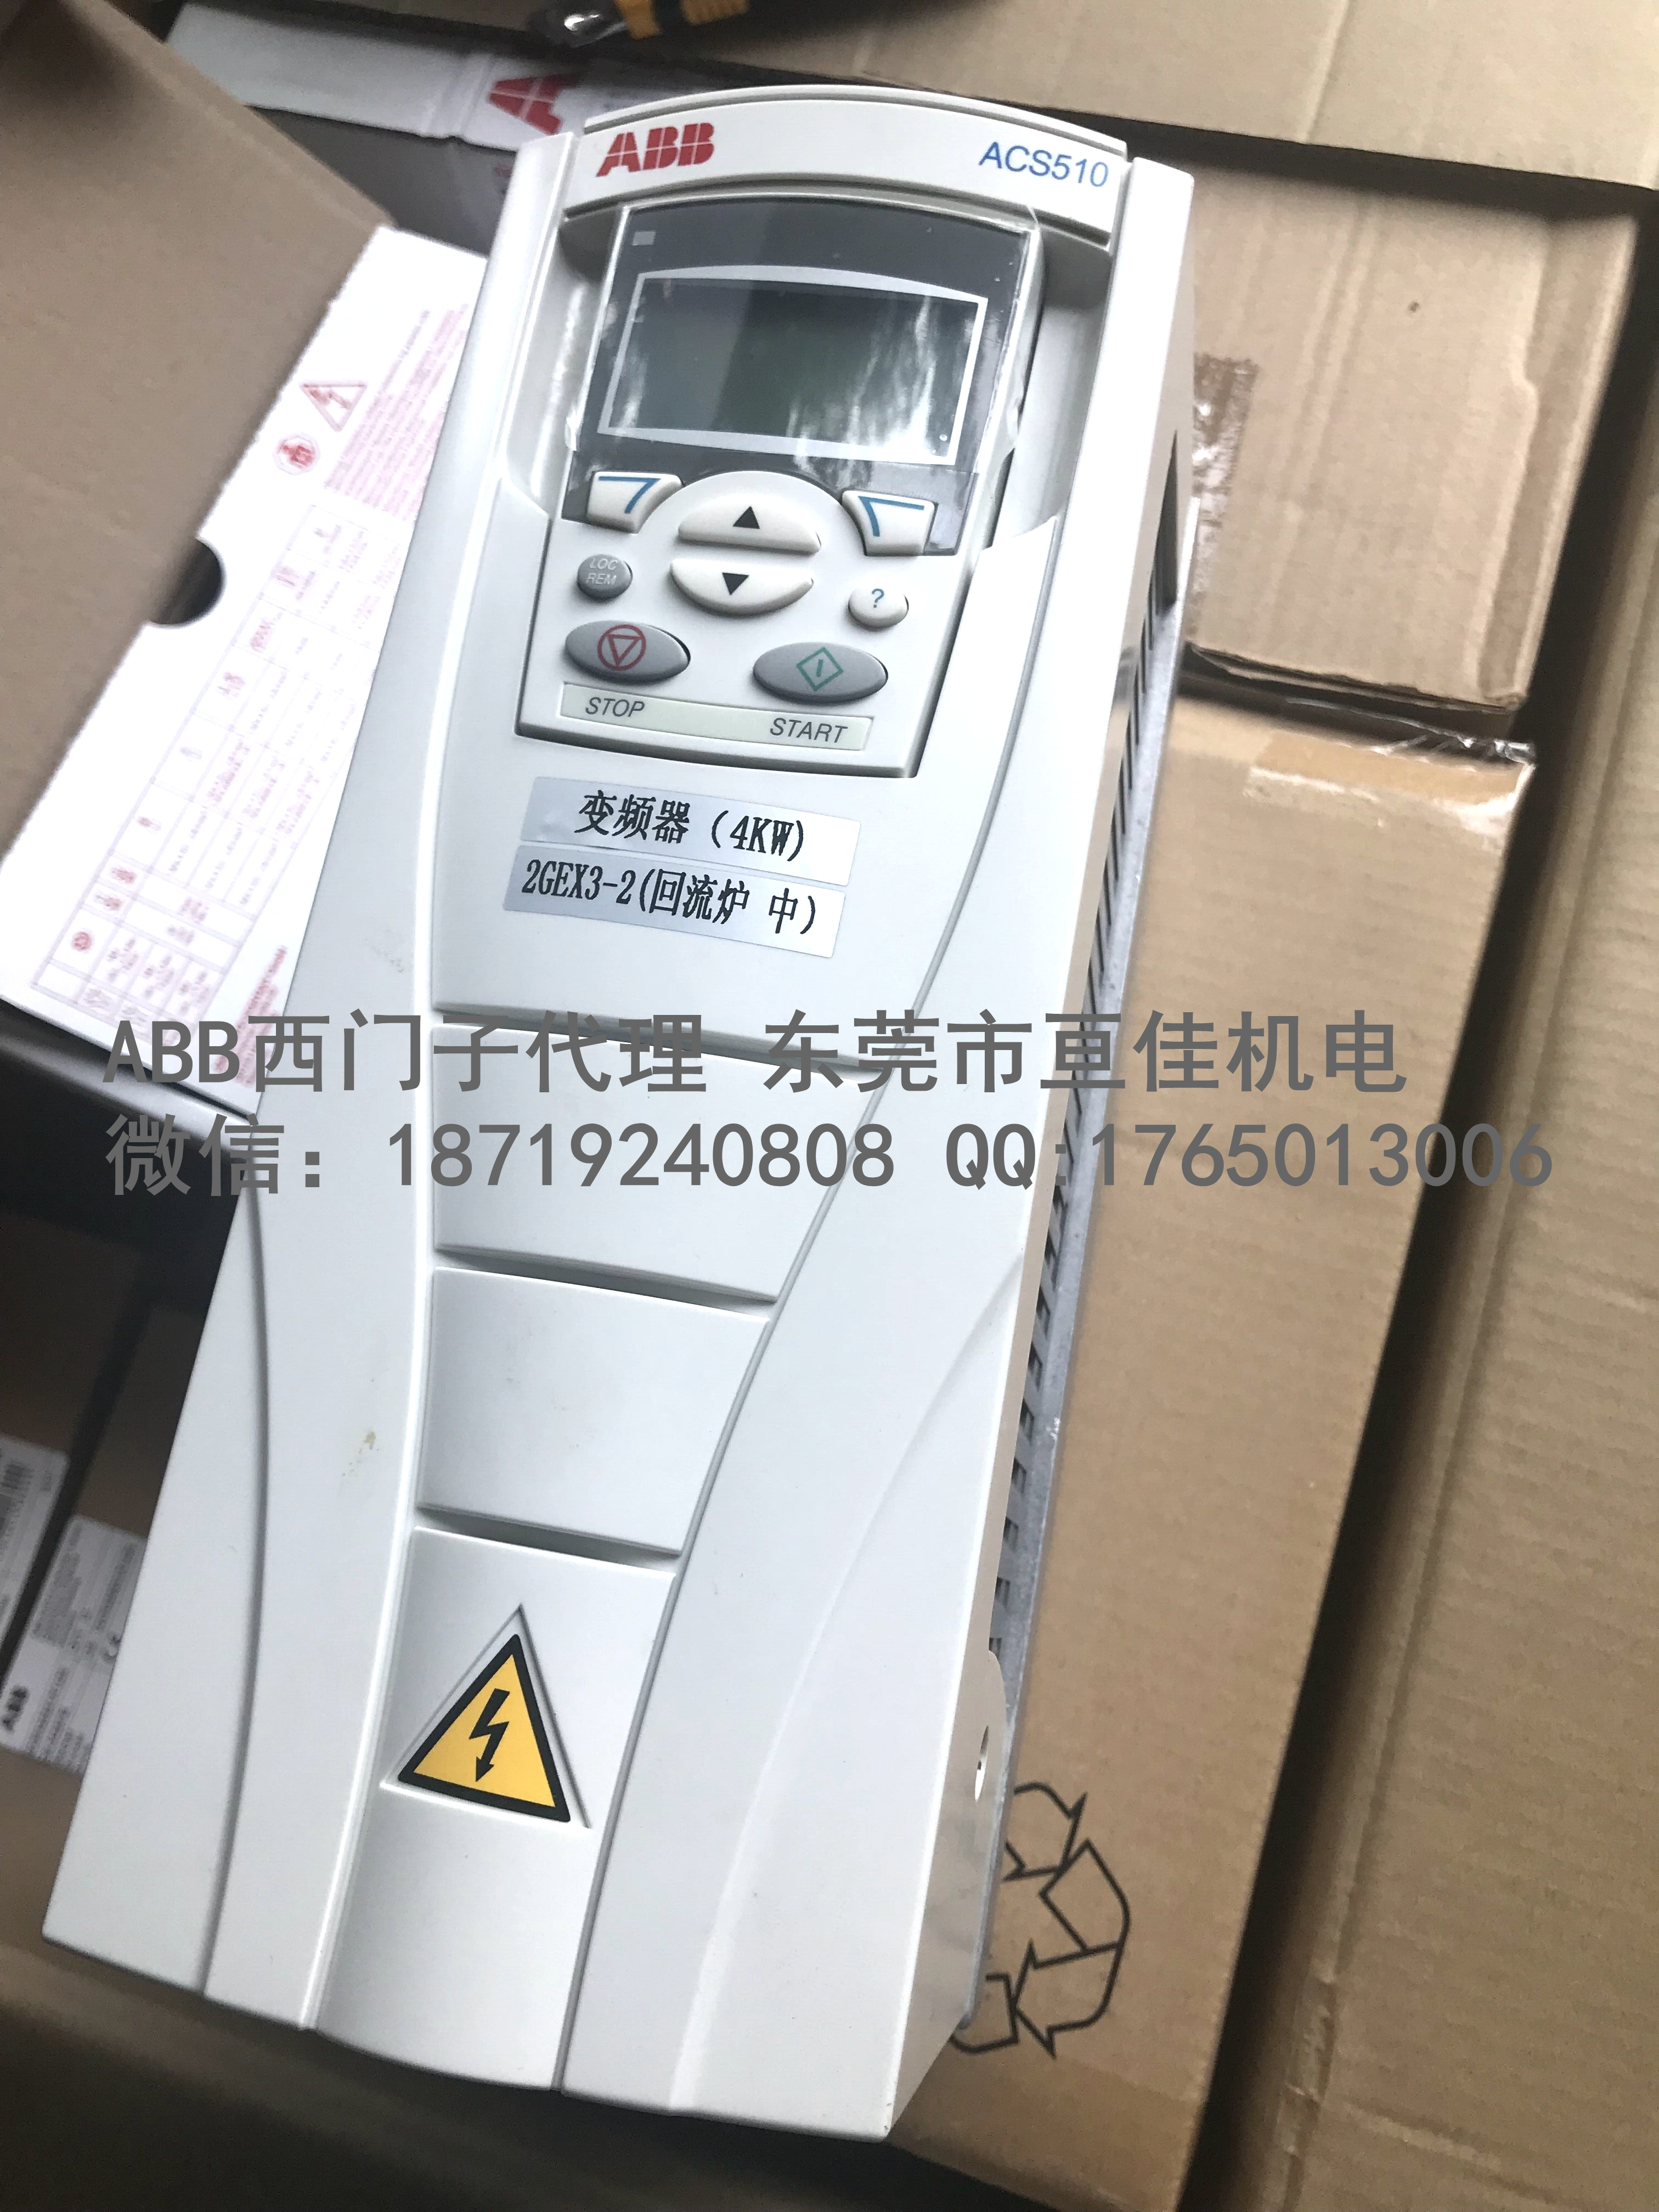 原装ABB变频器现货132千瓦ACS510-01-246A-4